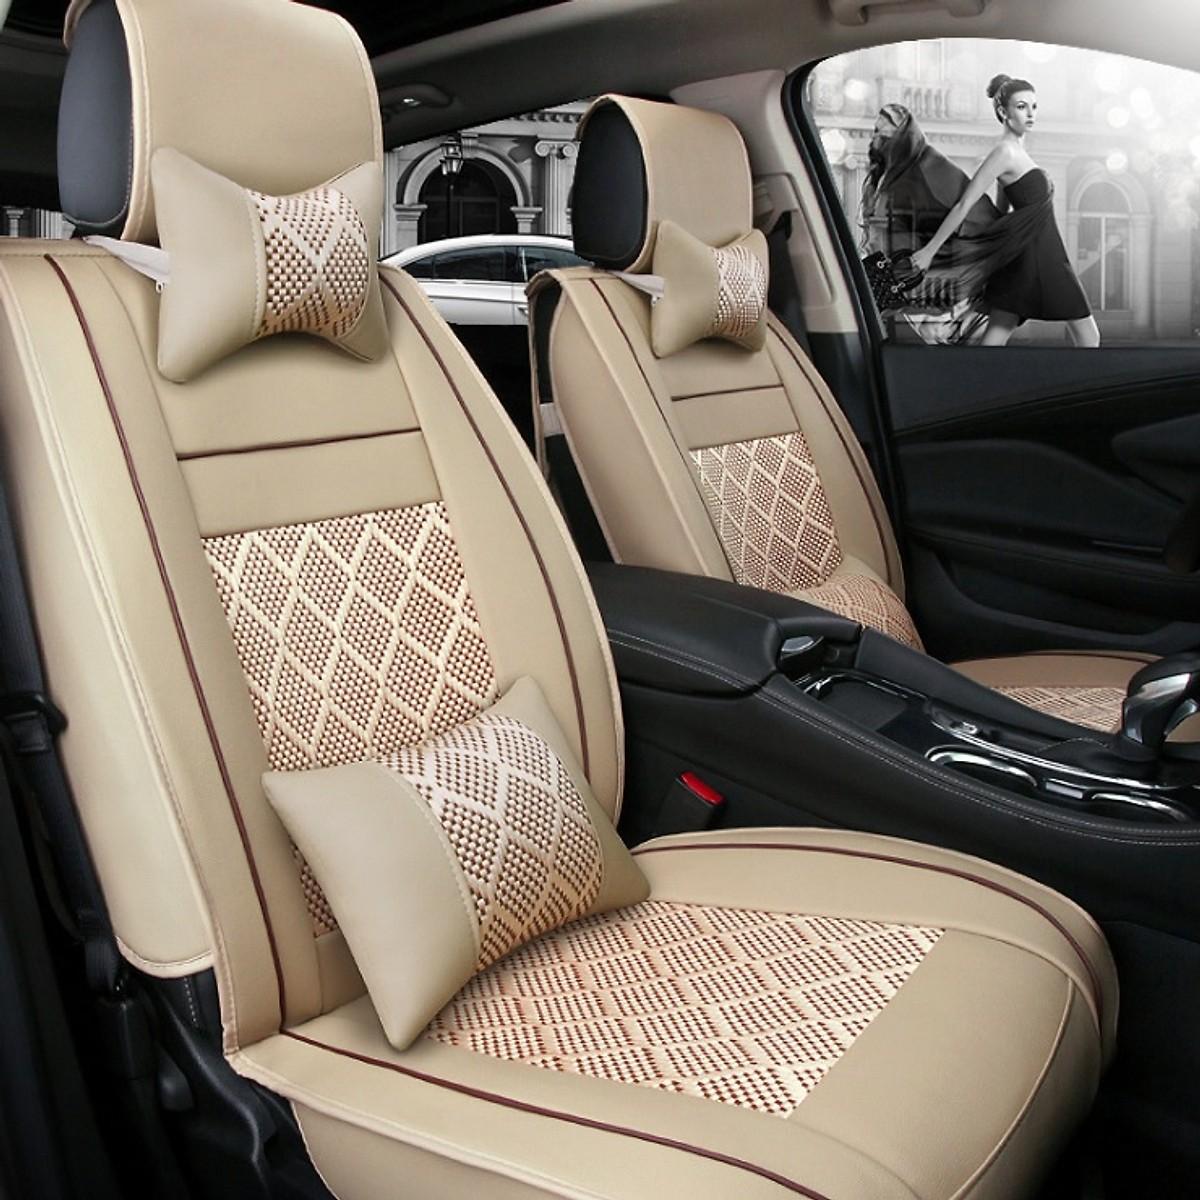 Bộ áo ghế DA ô tô bản CAO CẤP cho 5 chỗ ngồi A59 - Gồm 2 gối tựa LƯNG + 2 gối tựa ĐẦU ghế xe hơi đẳn